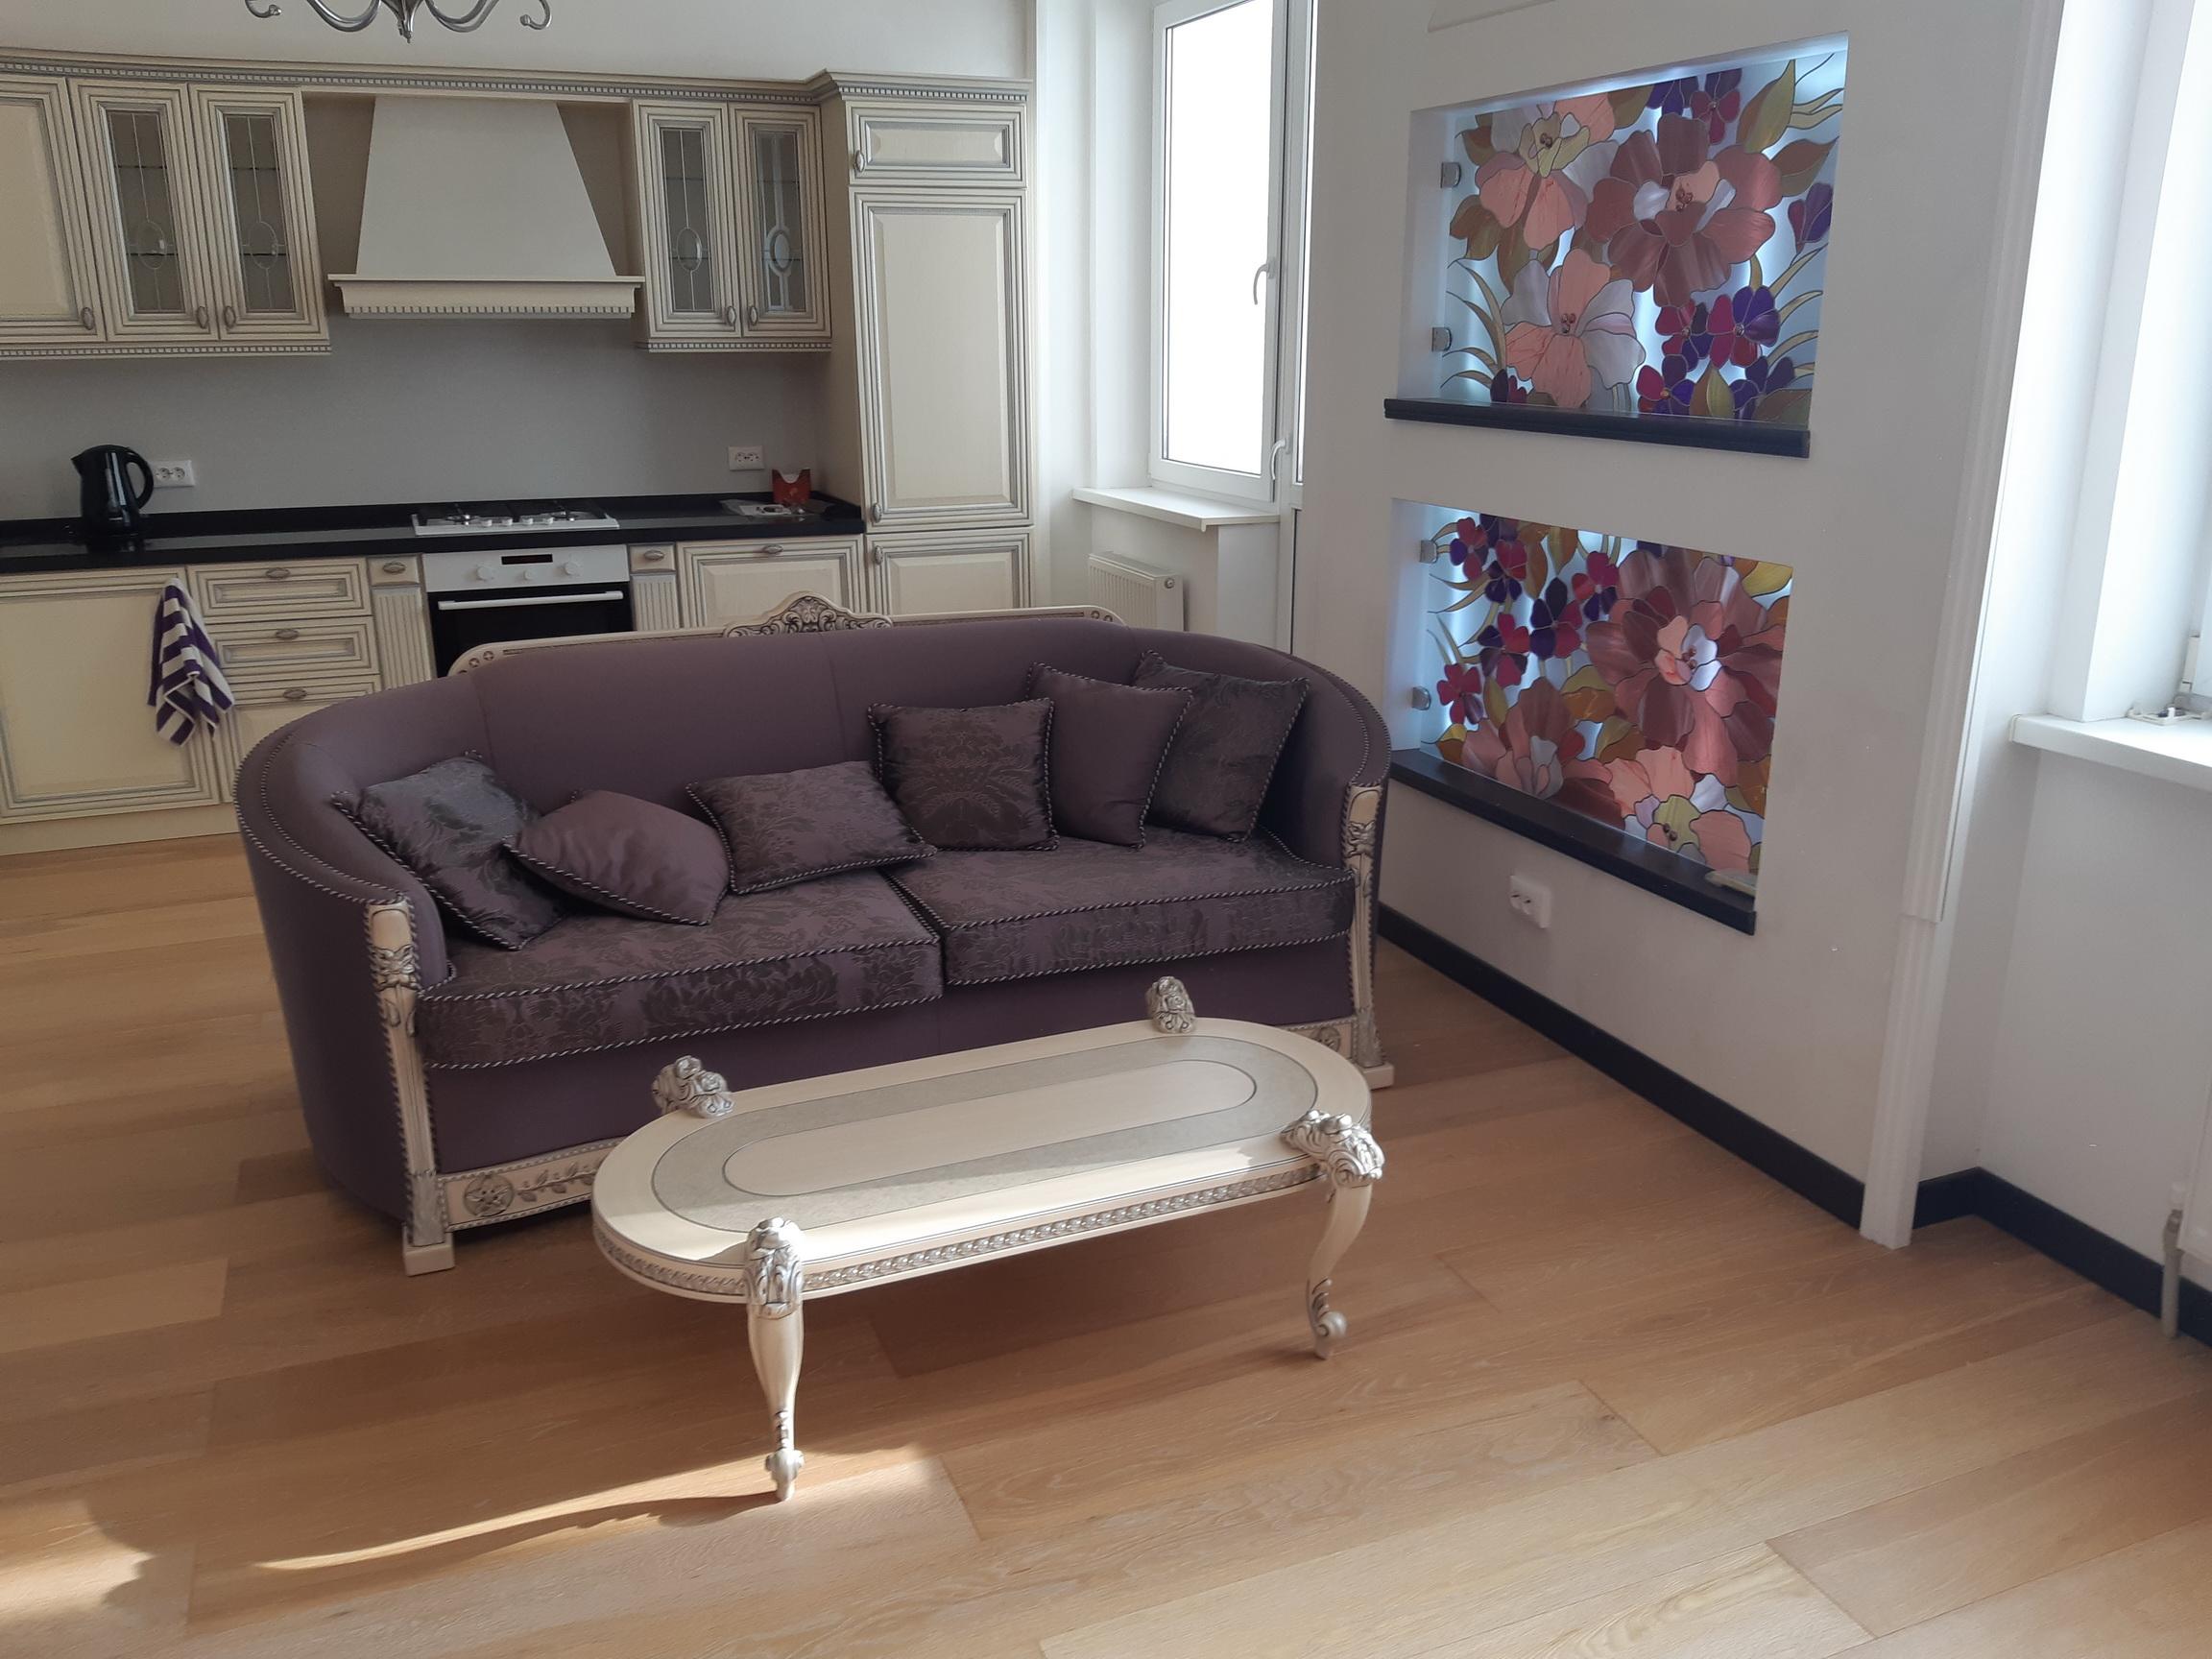 Продается 2-комнатная квартира в элитном доме. Ессентуки, центр города, ул. Советская 11